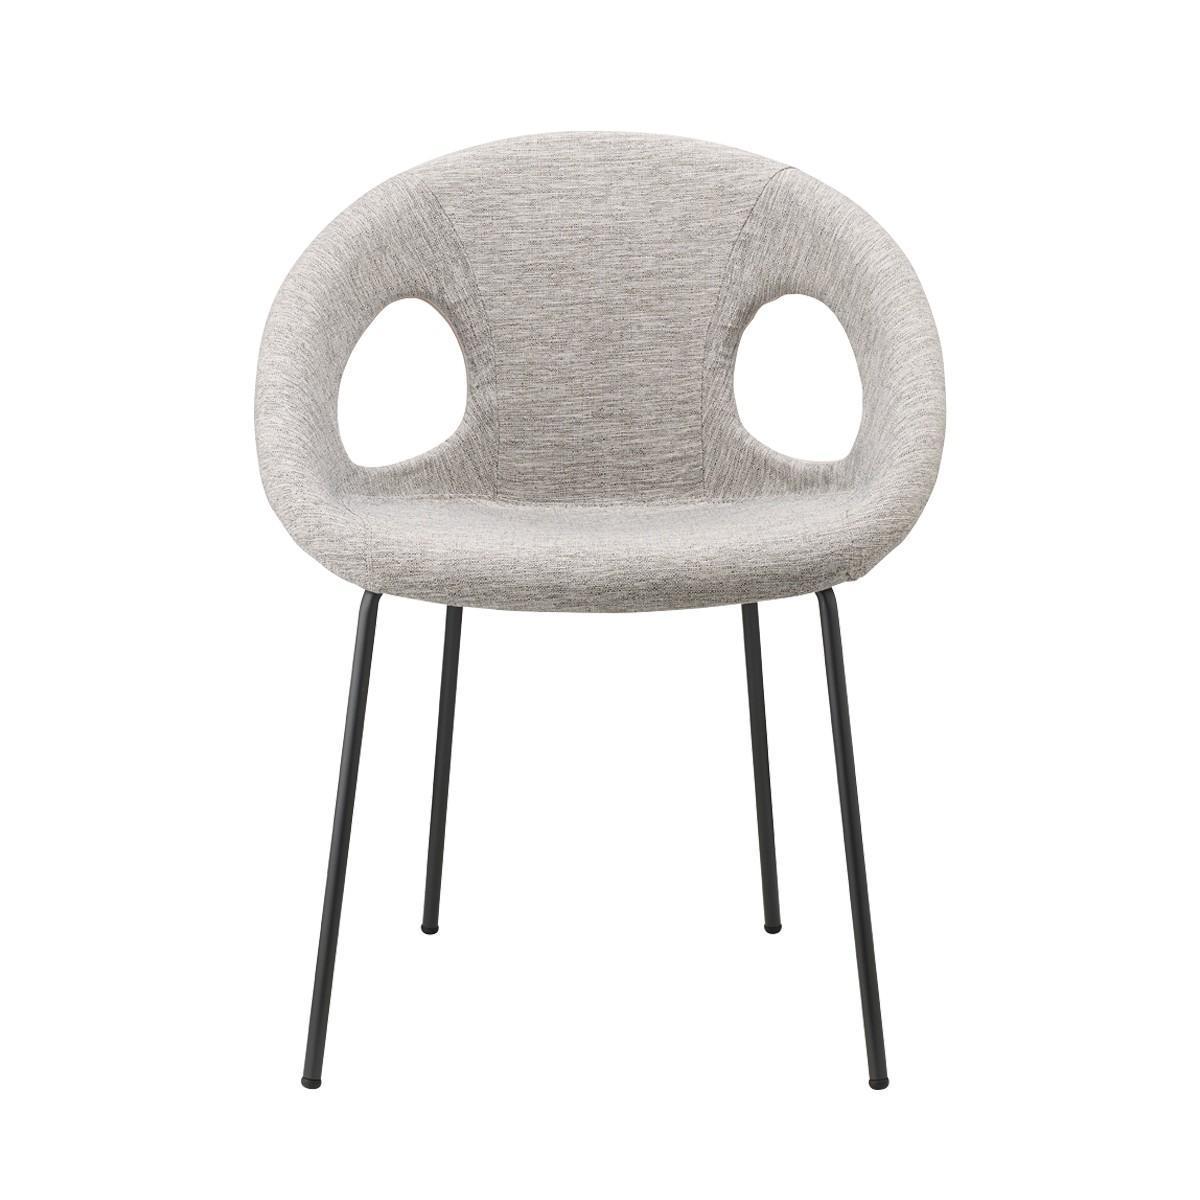 Кресло пластиковое с обивкой Drop Pop chromed steel frame